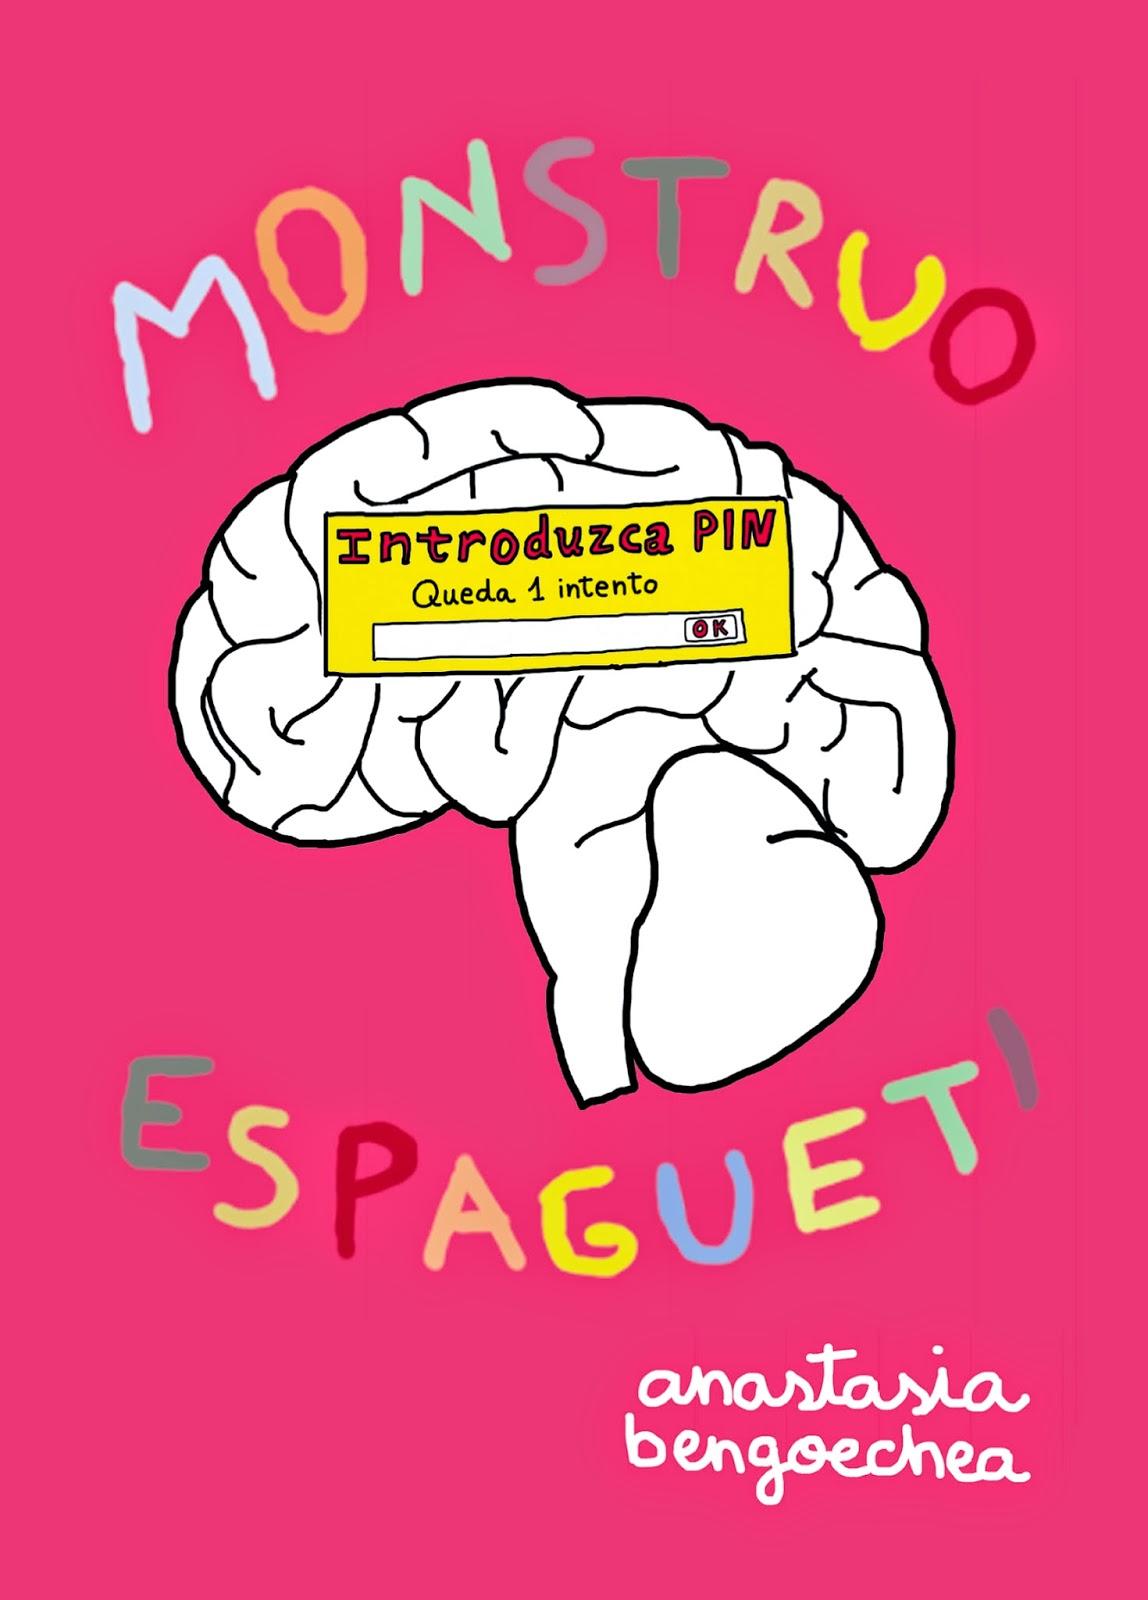 Monstruo-espagueti